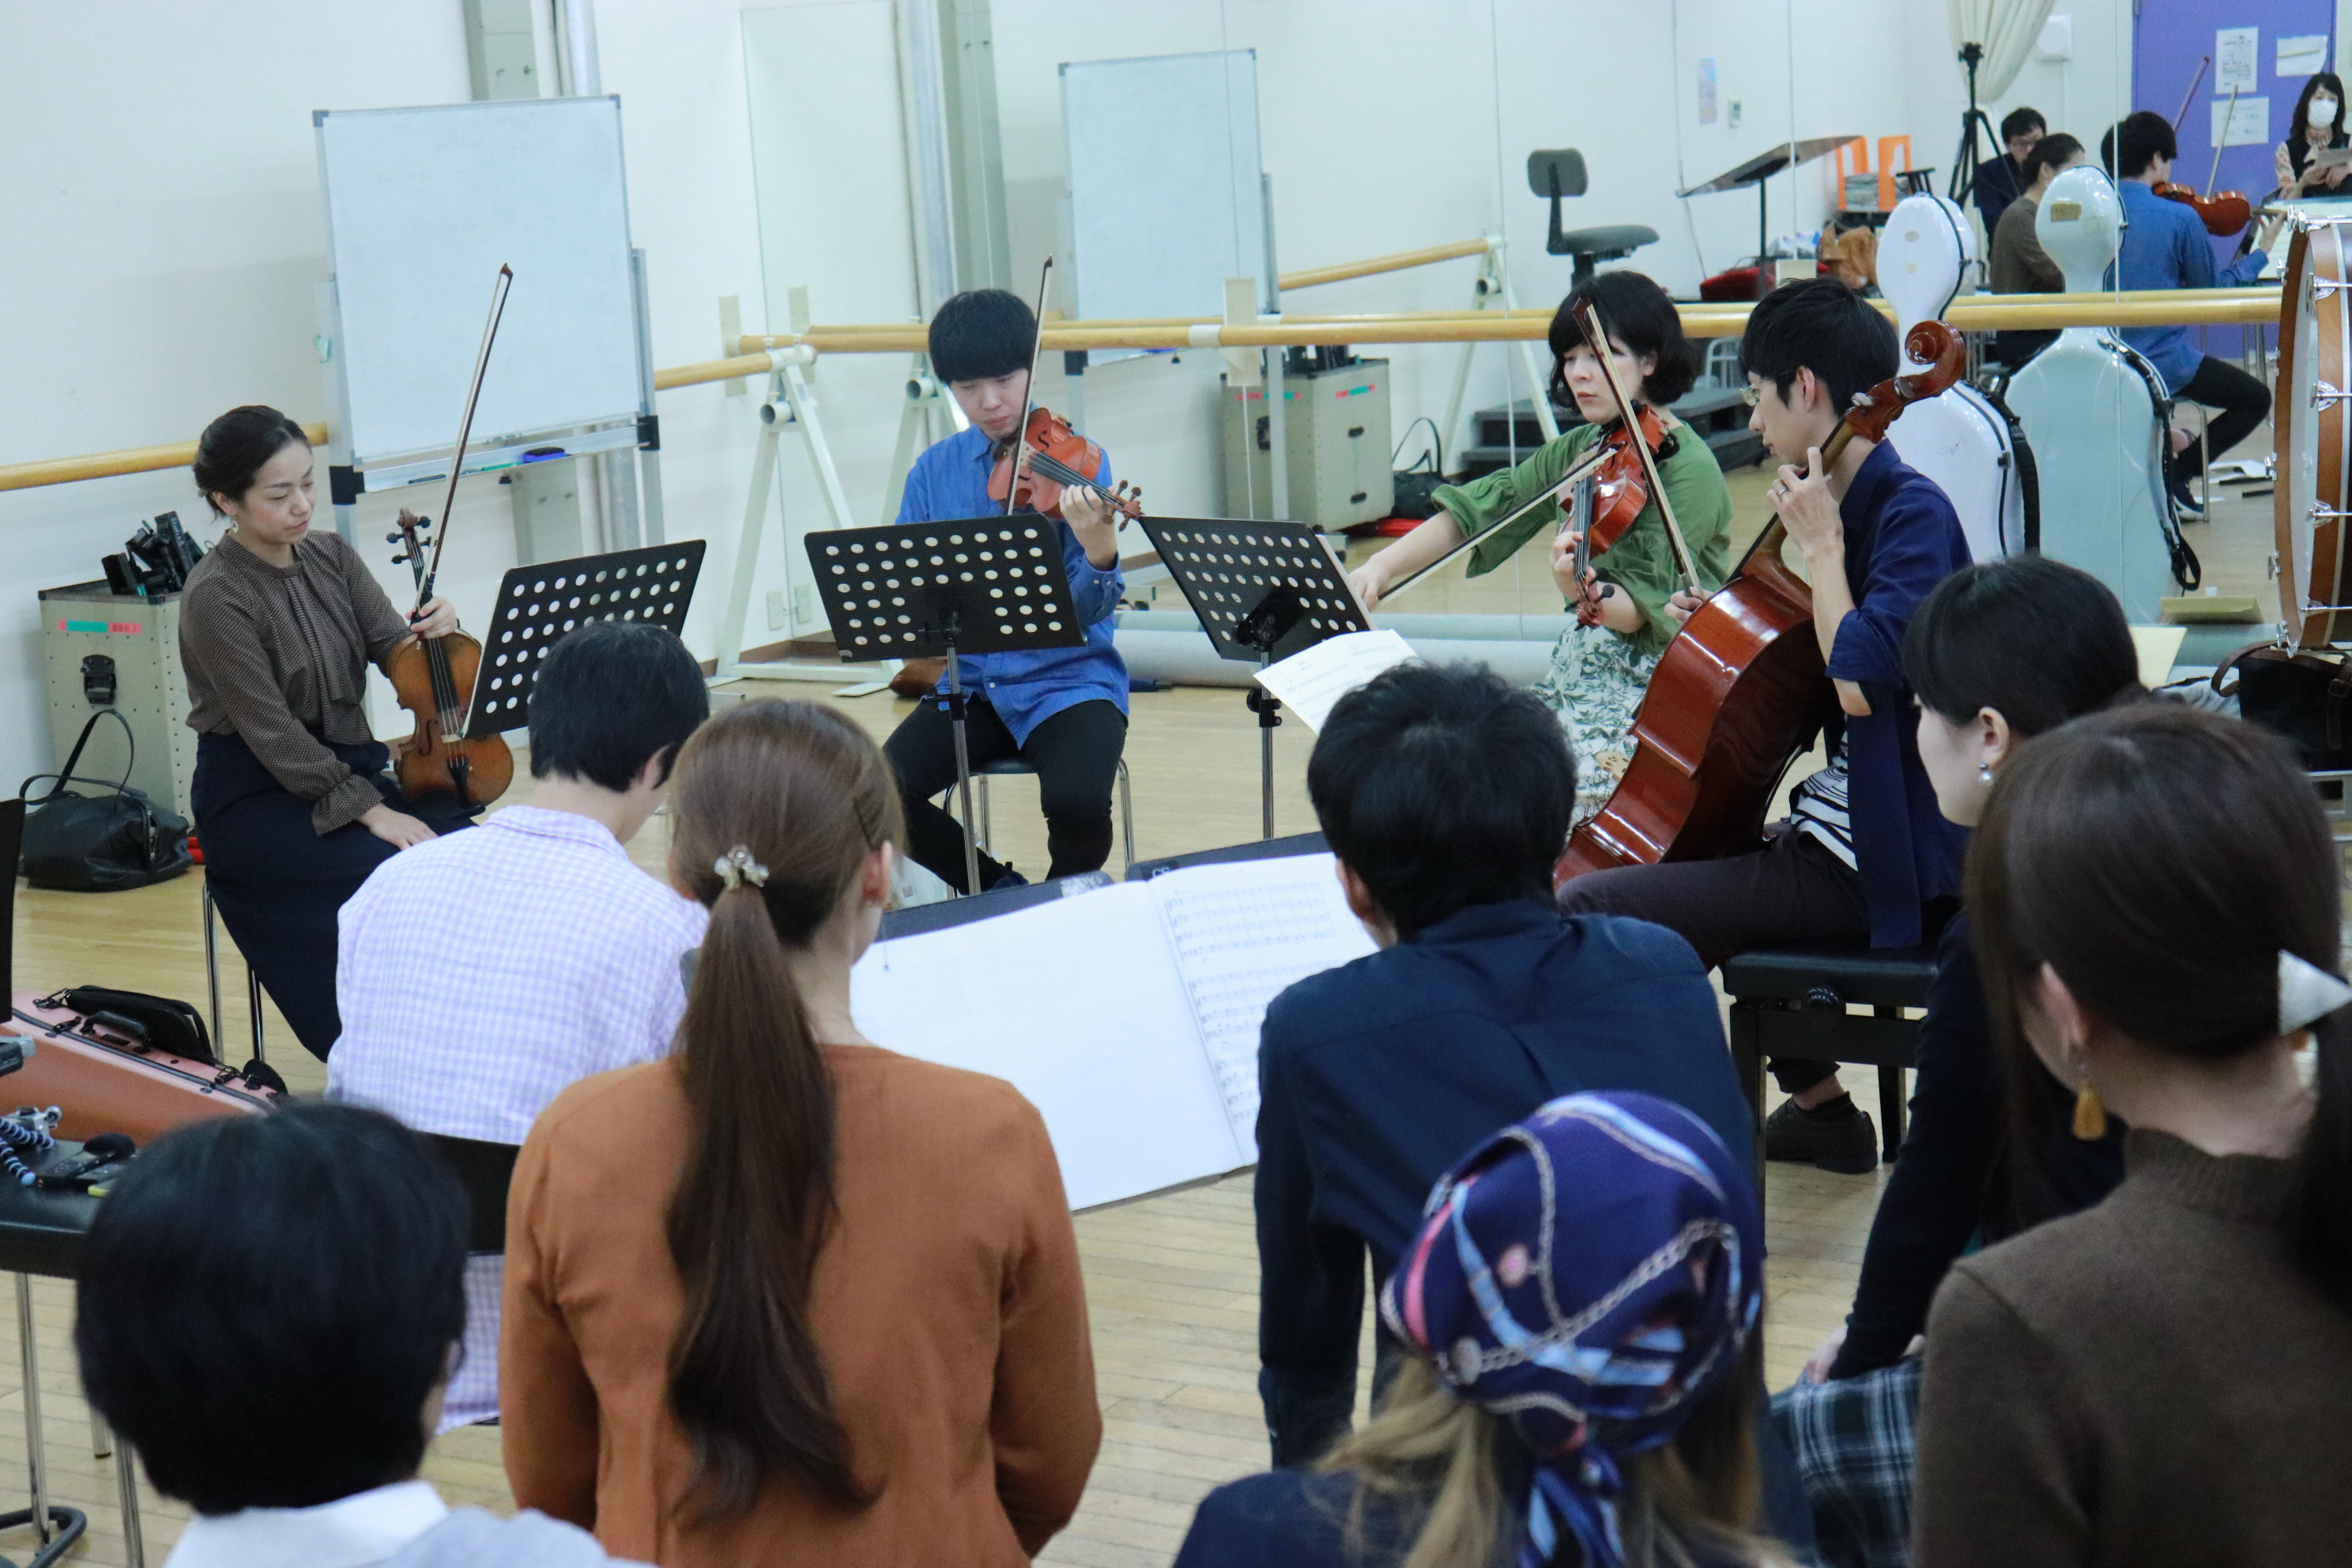 作曲・編曲を手掛けた学院生達の前で演奏するカルテット。1st ヴァイオリン、2nd ヴァイオリン、ヴィオラ、チェロの編成。